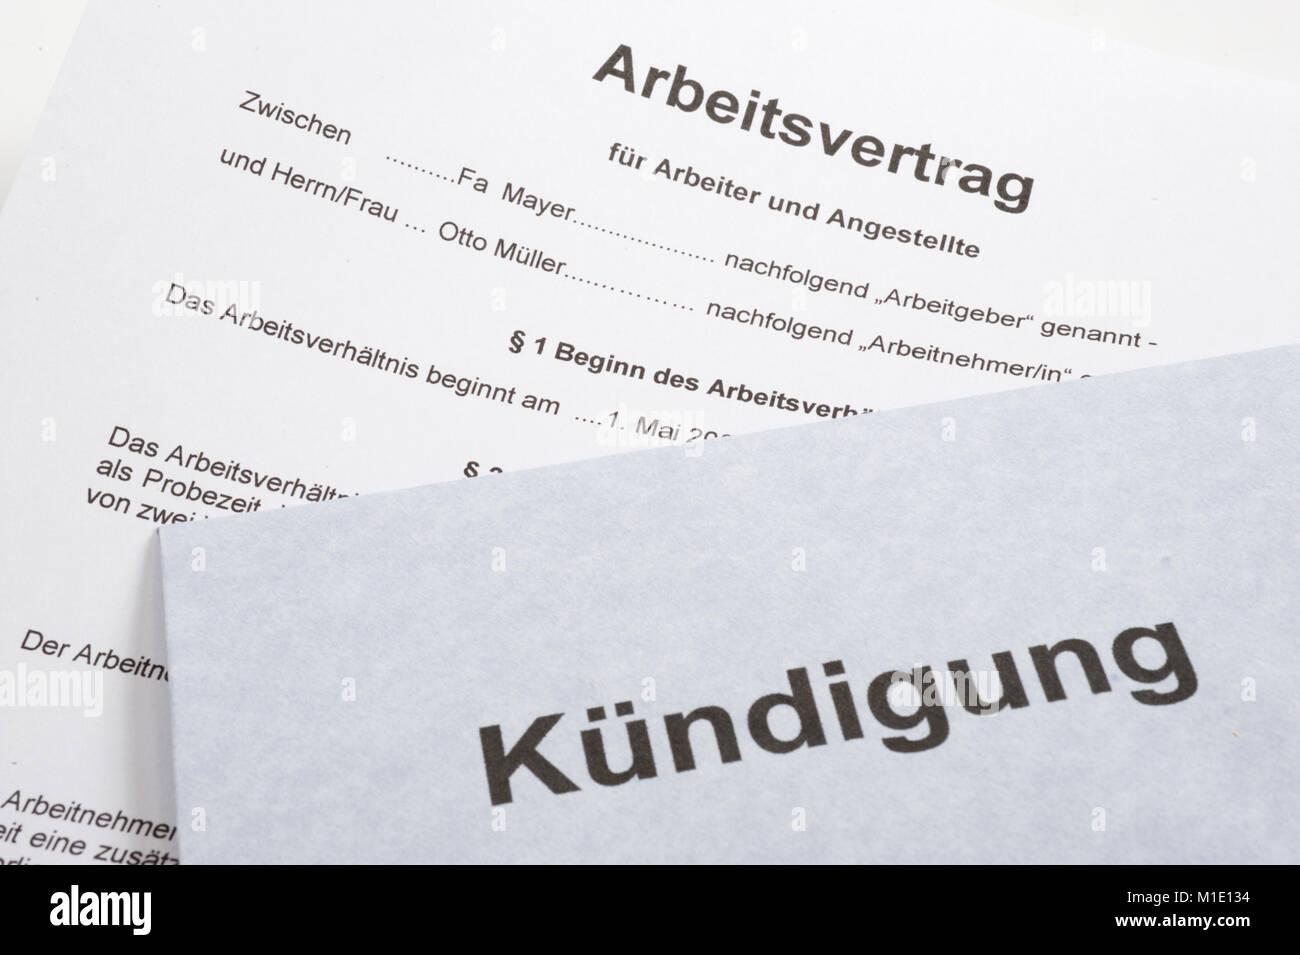 Arbeitsvertrag und Kündigung - Stock Image